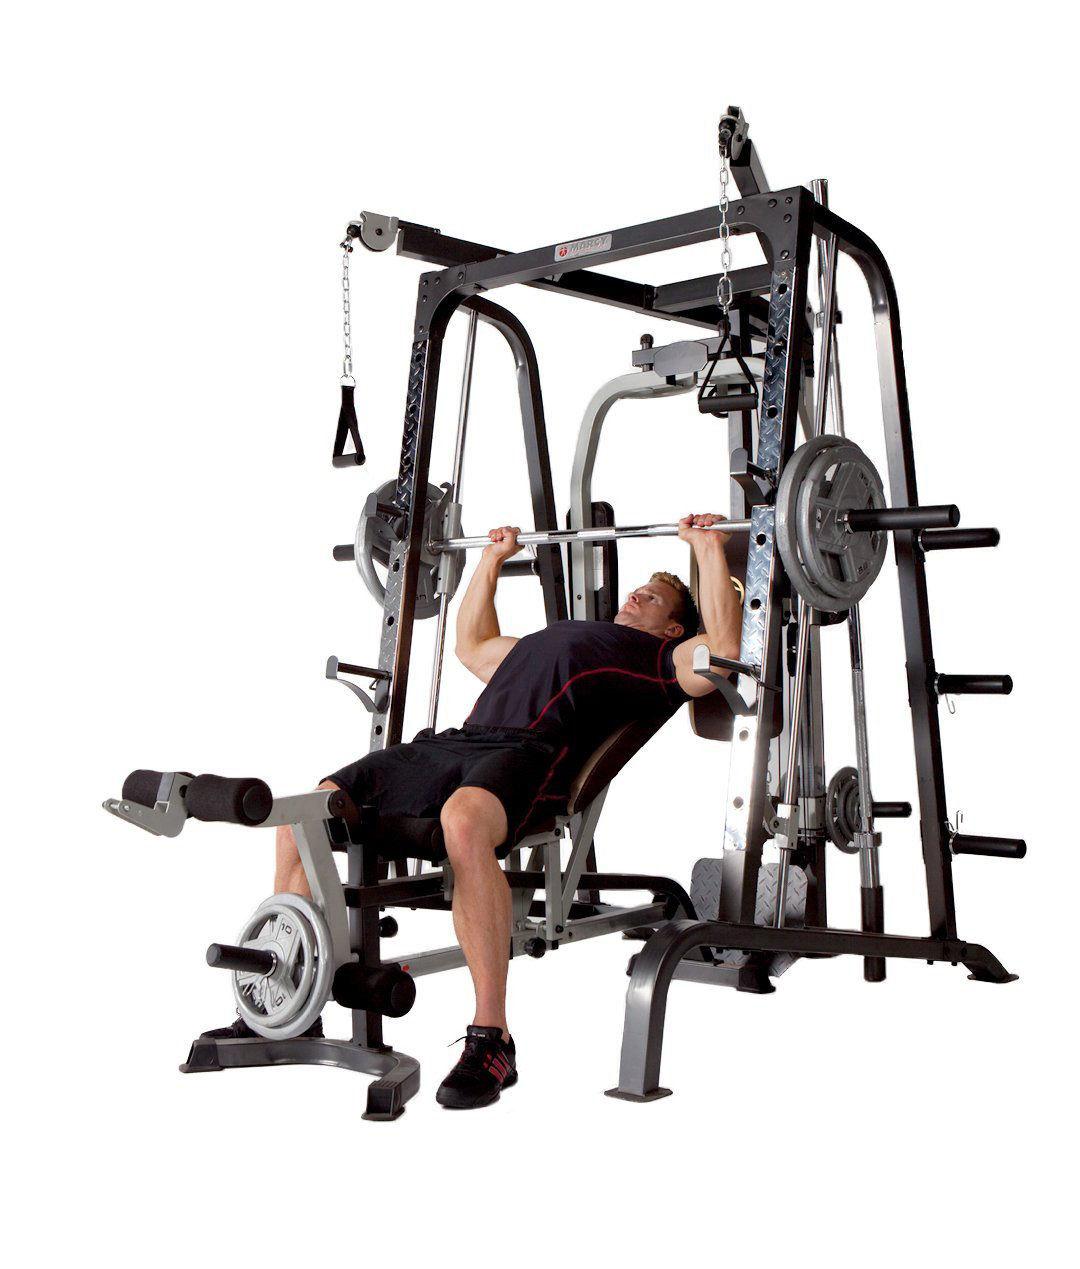 Deluxe Diamond Elite Smith Cage Total Body Gym